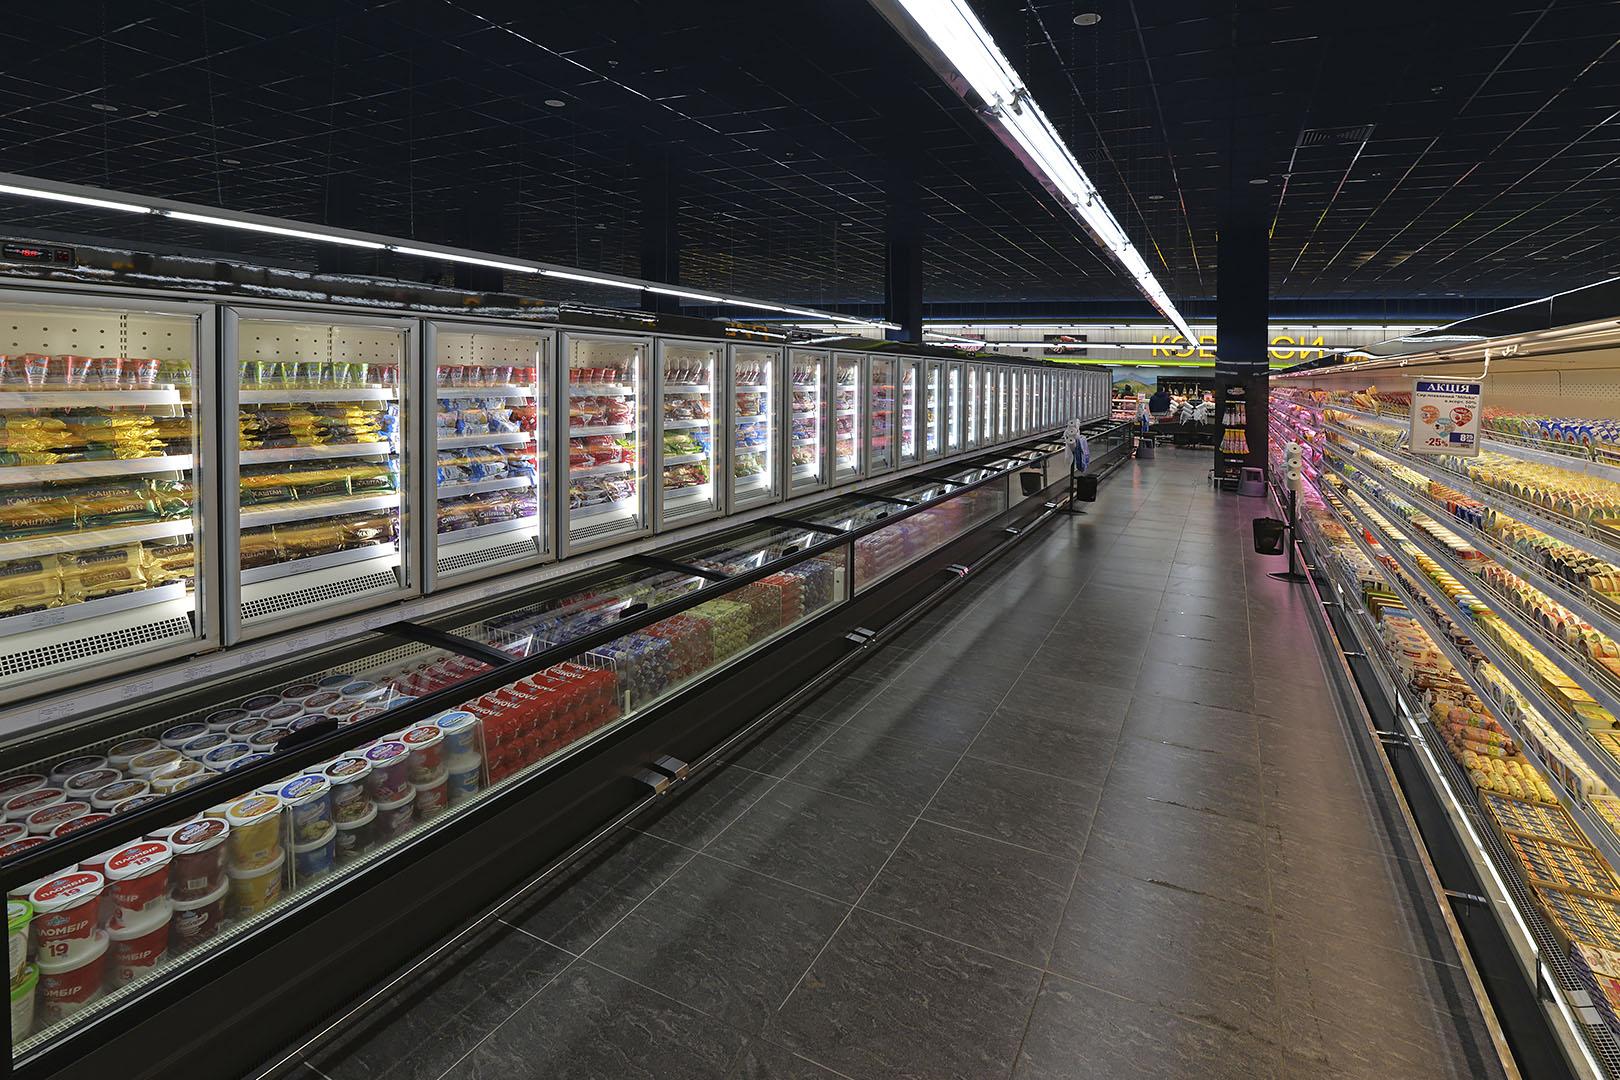 Витрины для замороженных продуктов Alaska combi 2 MD MHV 110 LT D/C 220-DLM, пристенные витрины Indiana MV 100 MT O 220-DLM